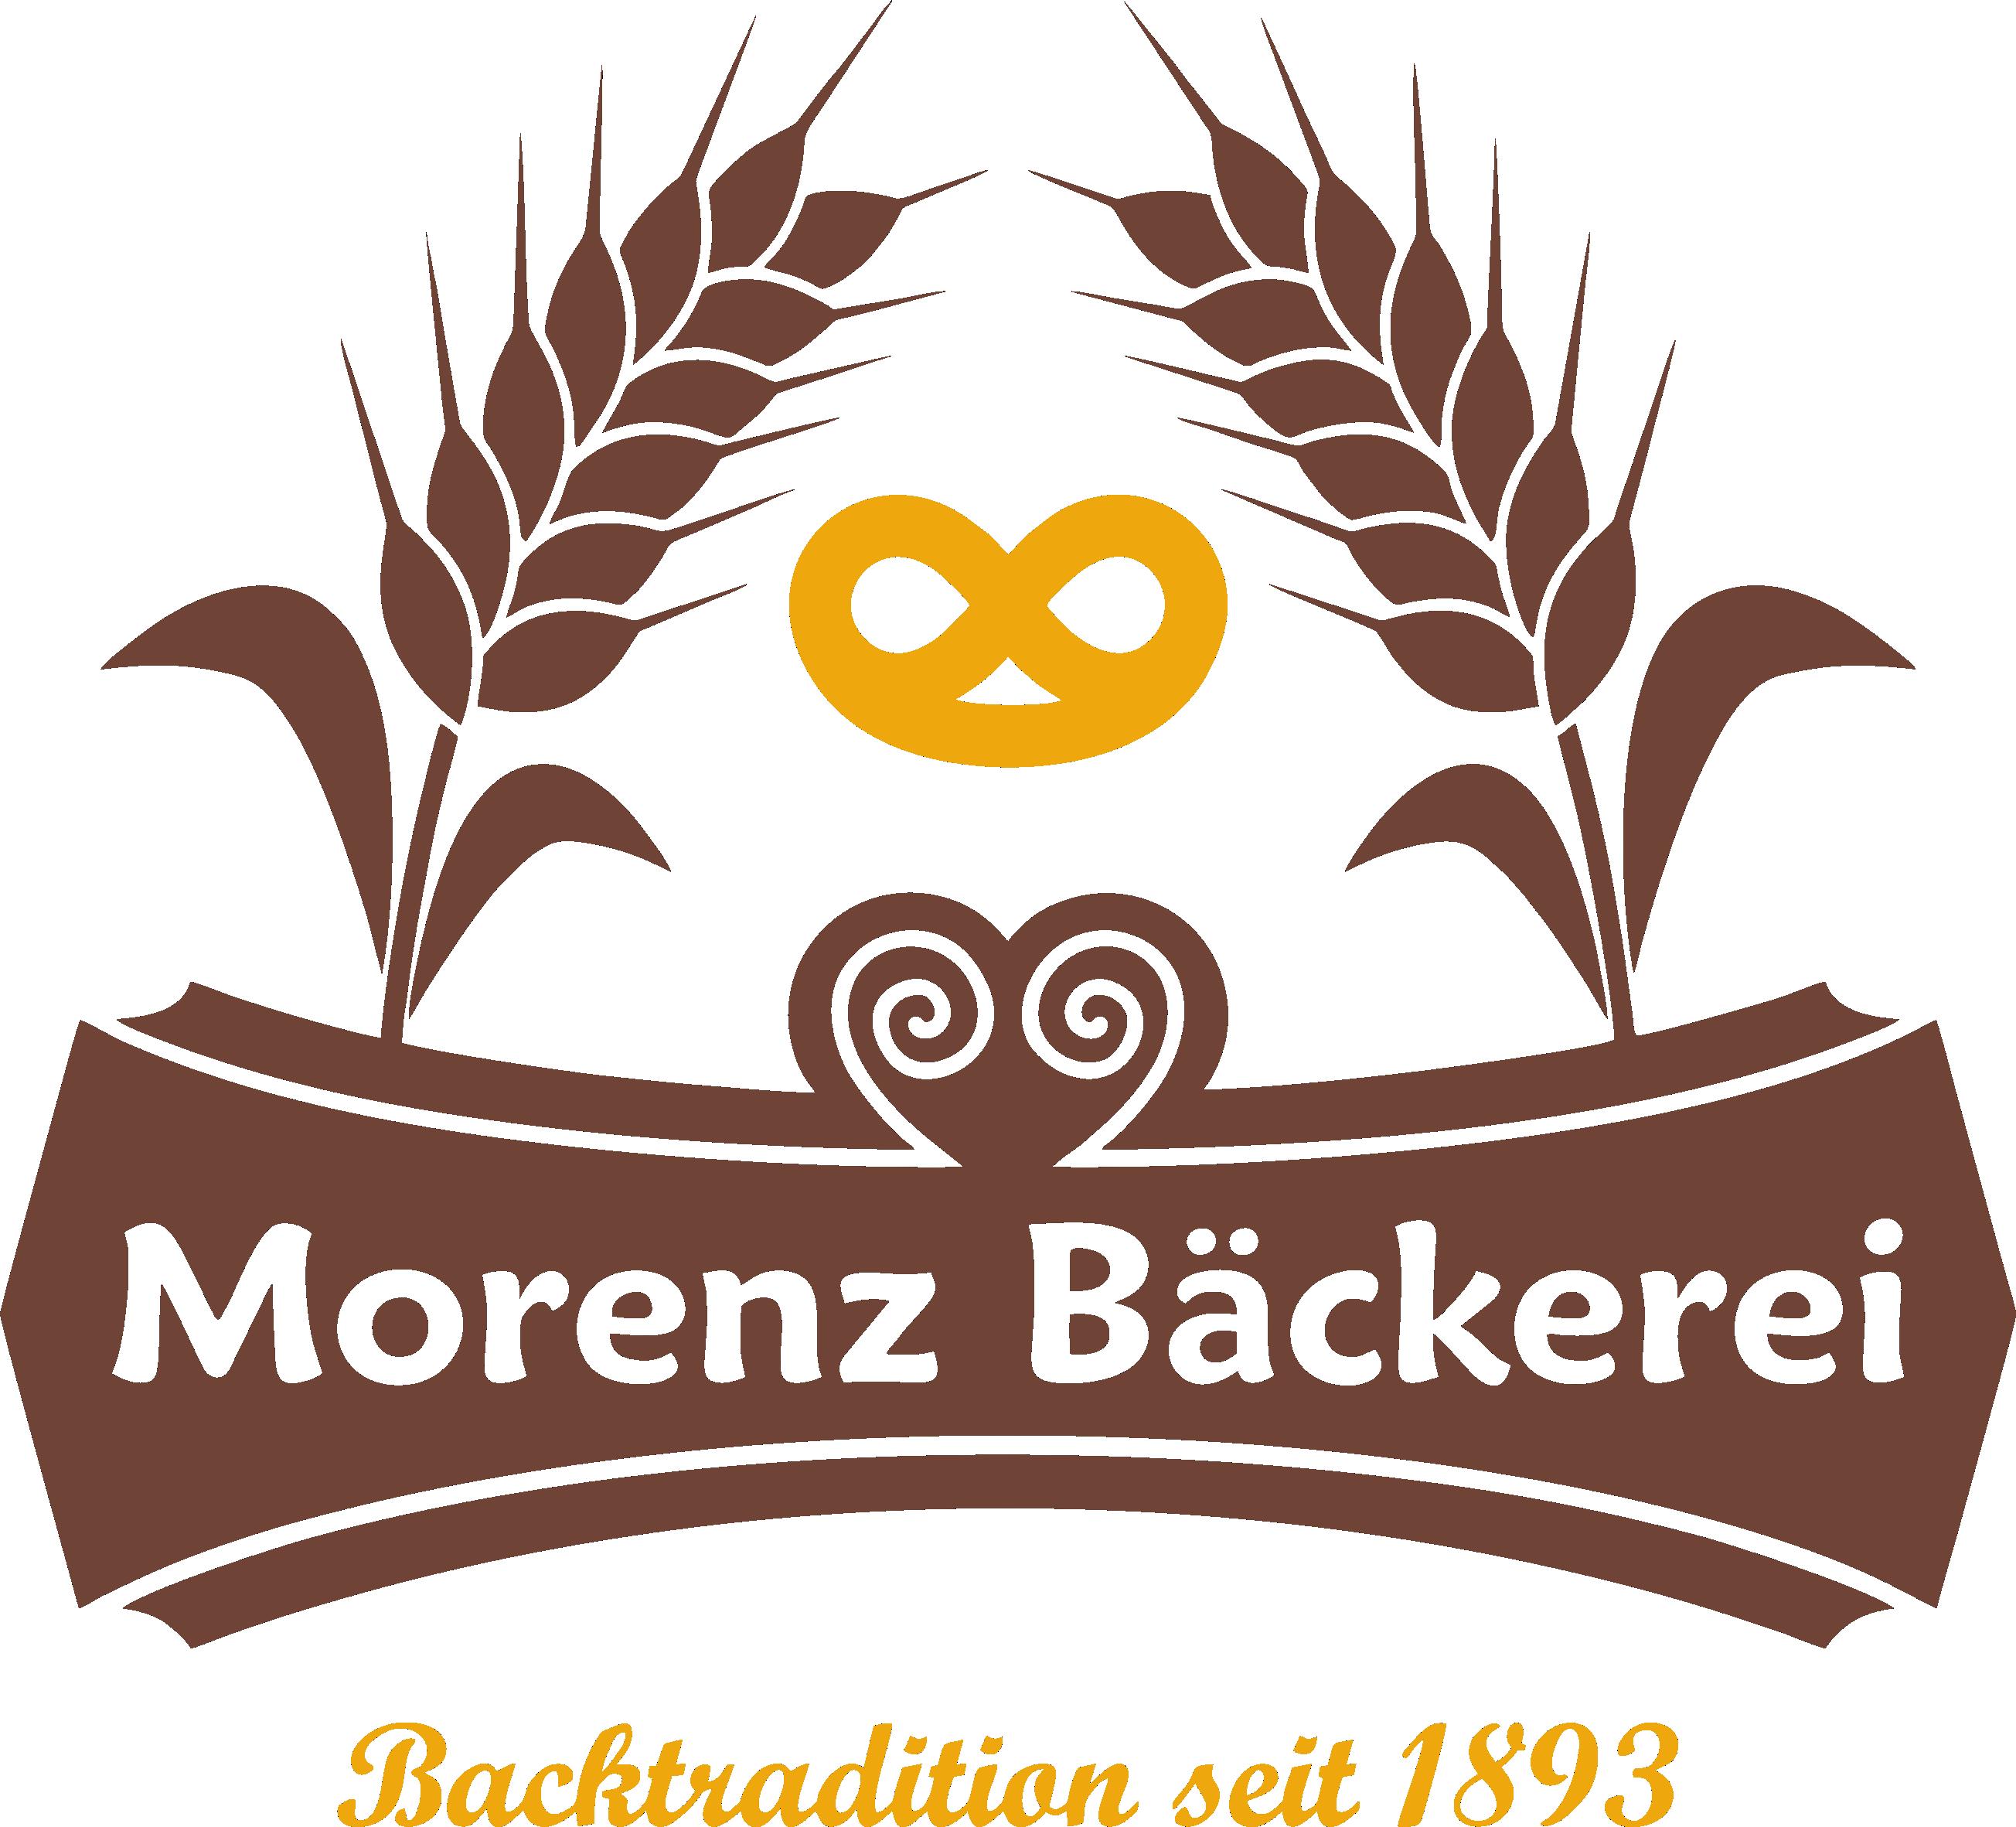 MorenzBäckerei_logo